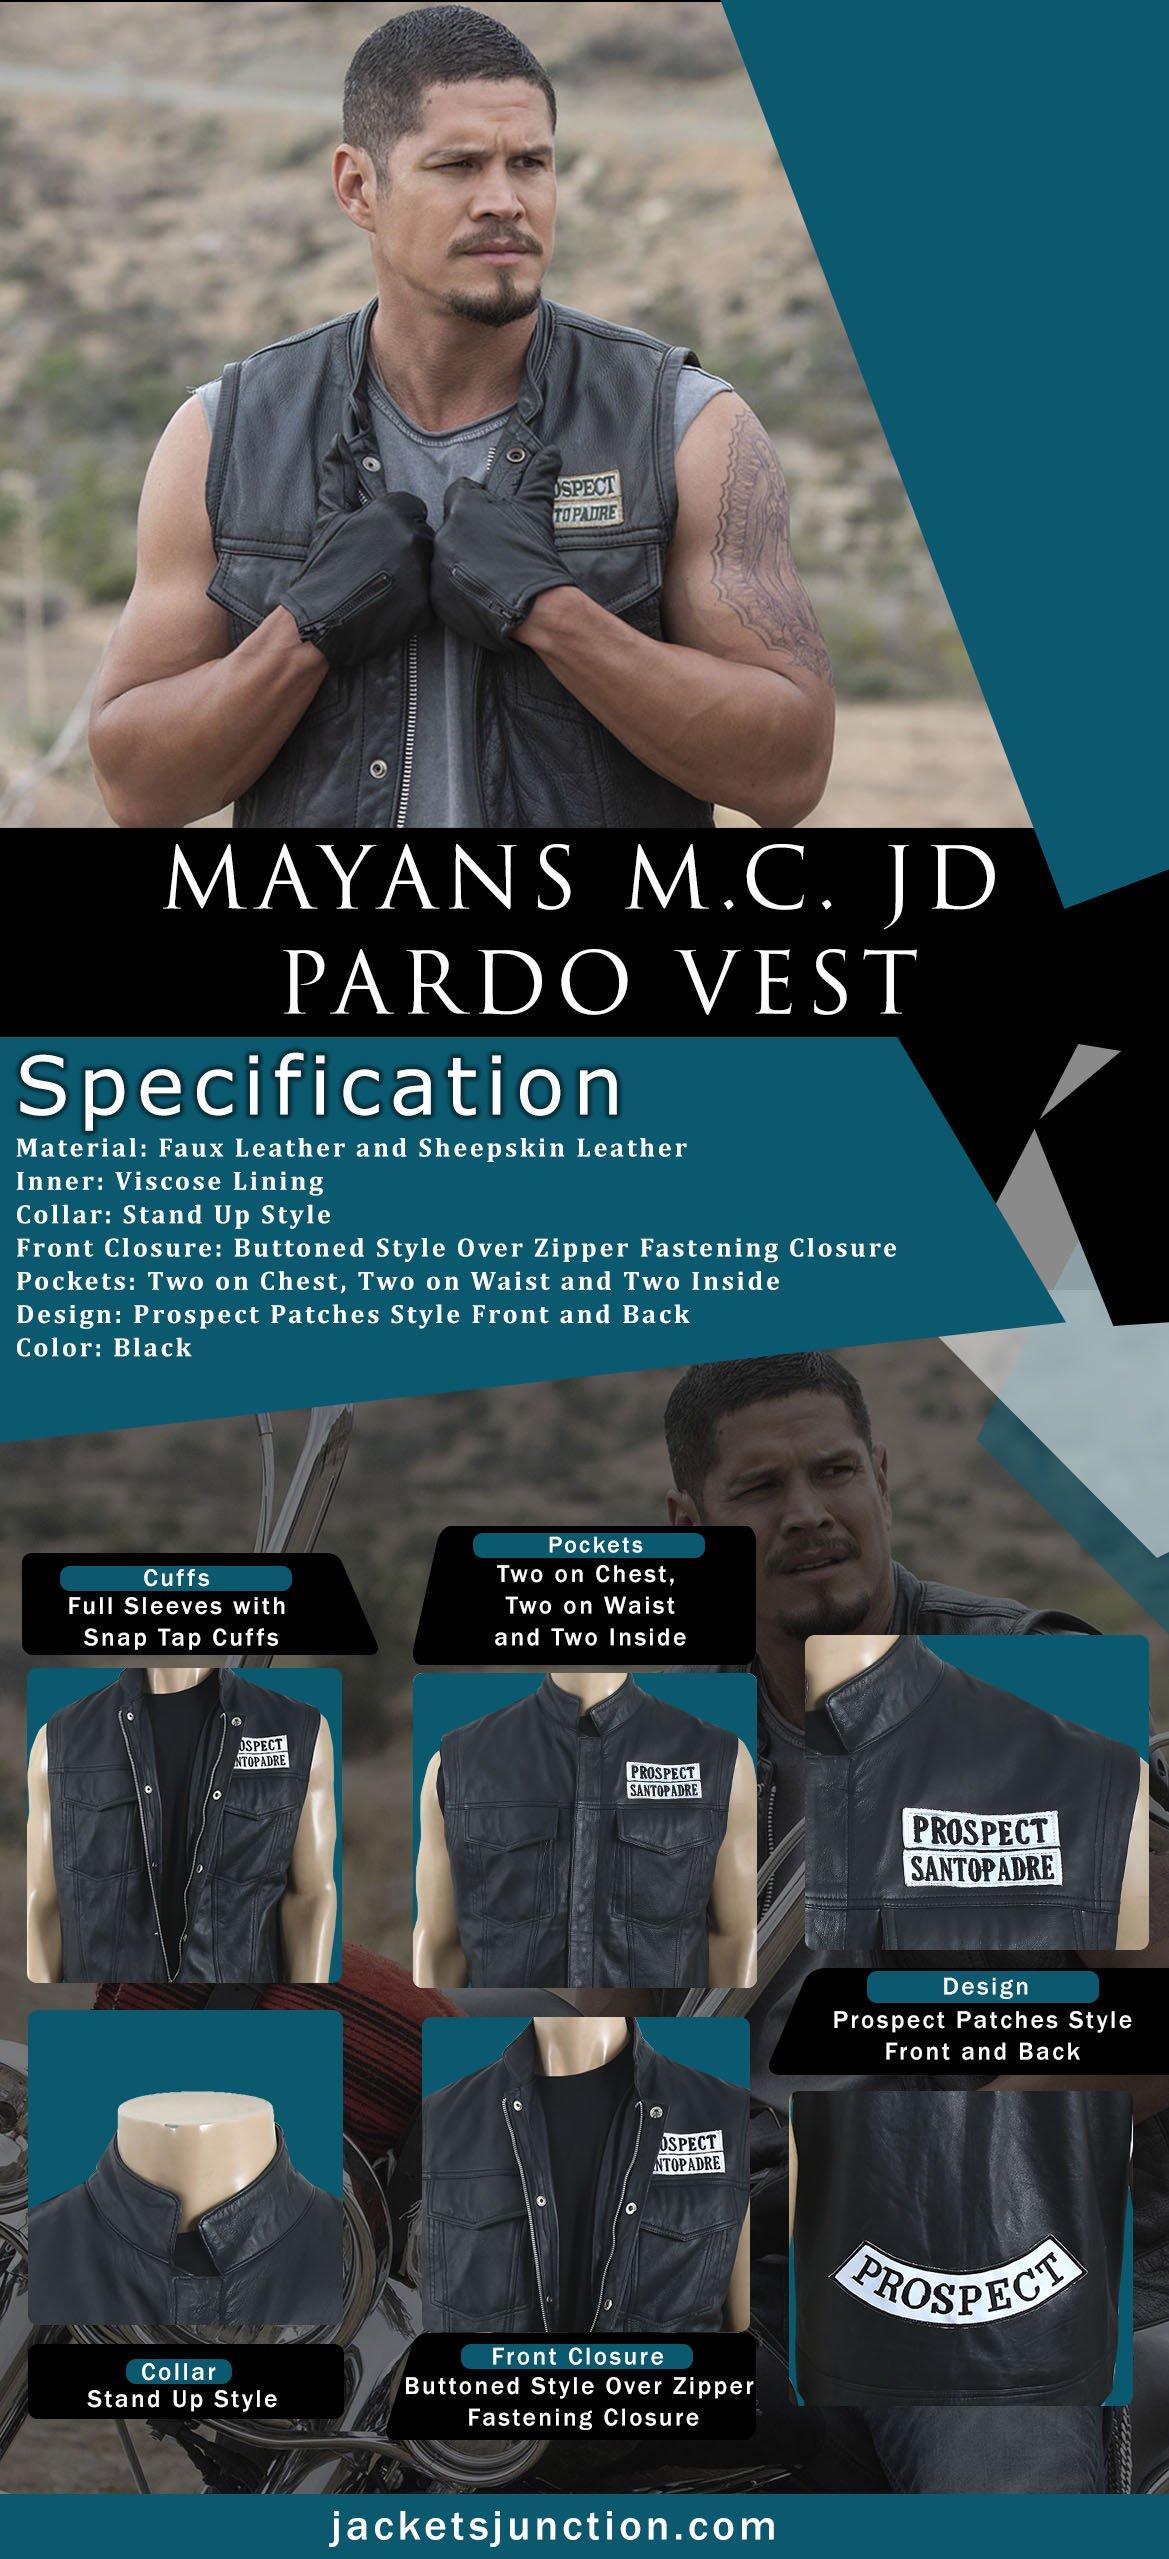 Ezekiel EZ Reyes Mayans M.C. JD Pardo Leather Vest Infographic